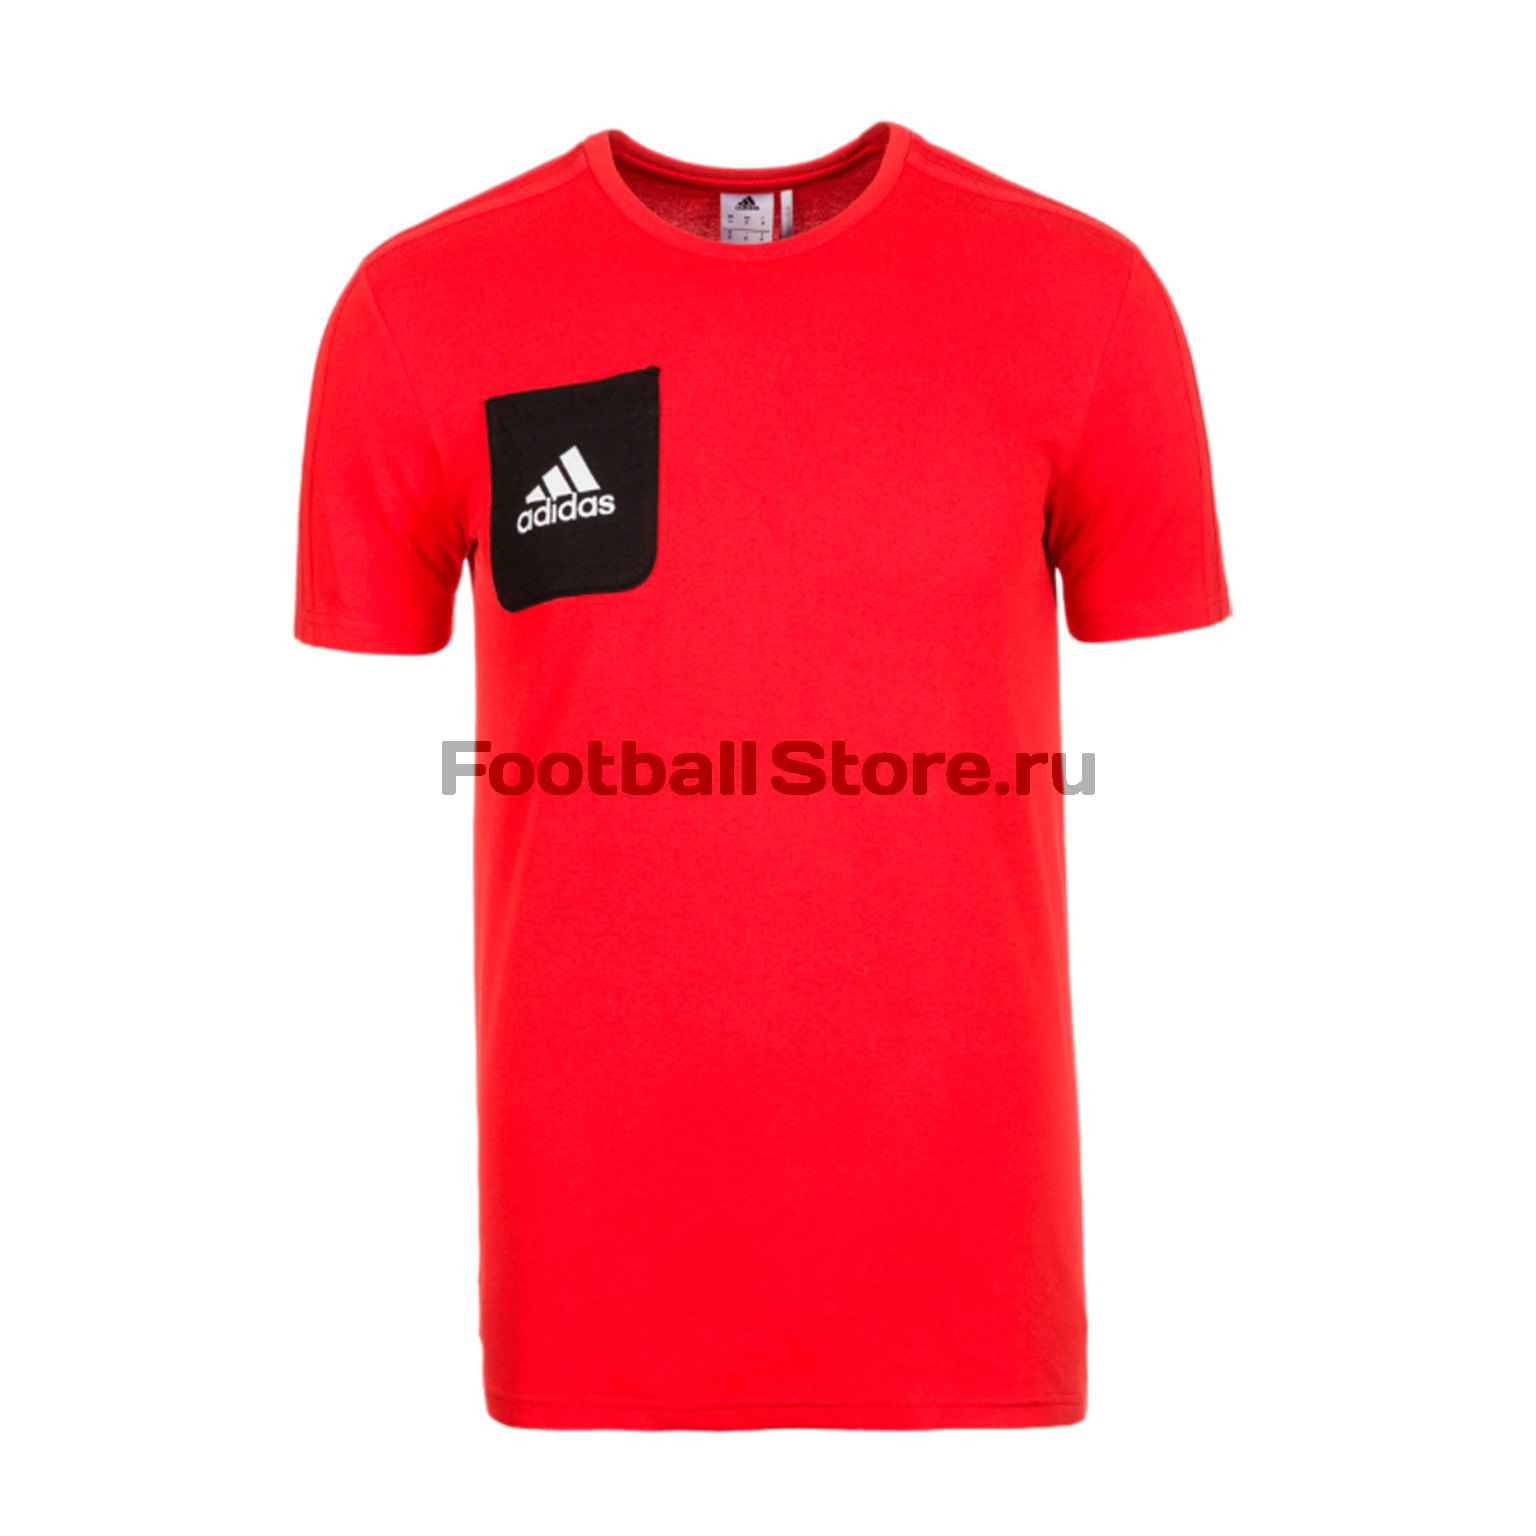 Футболка тренировочная Adidas Tiro17 Tee BQ2658